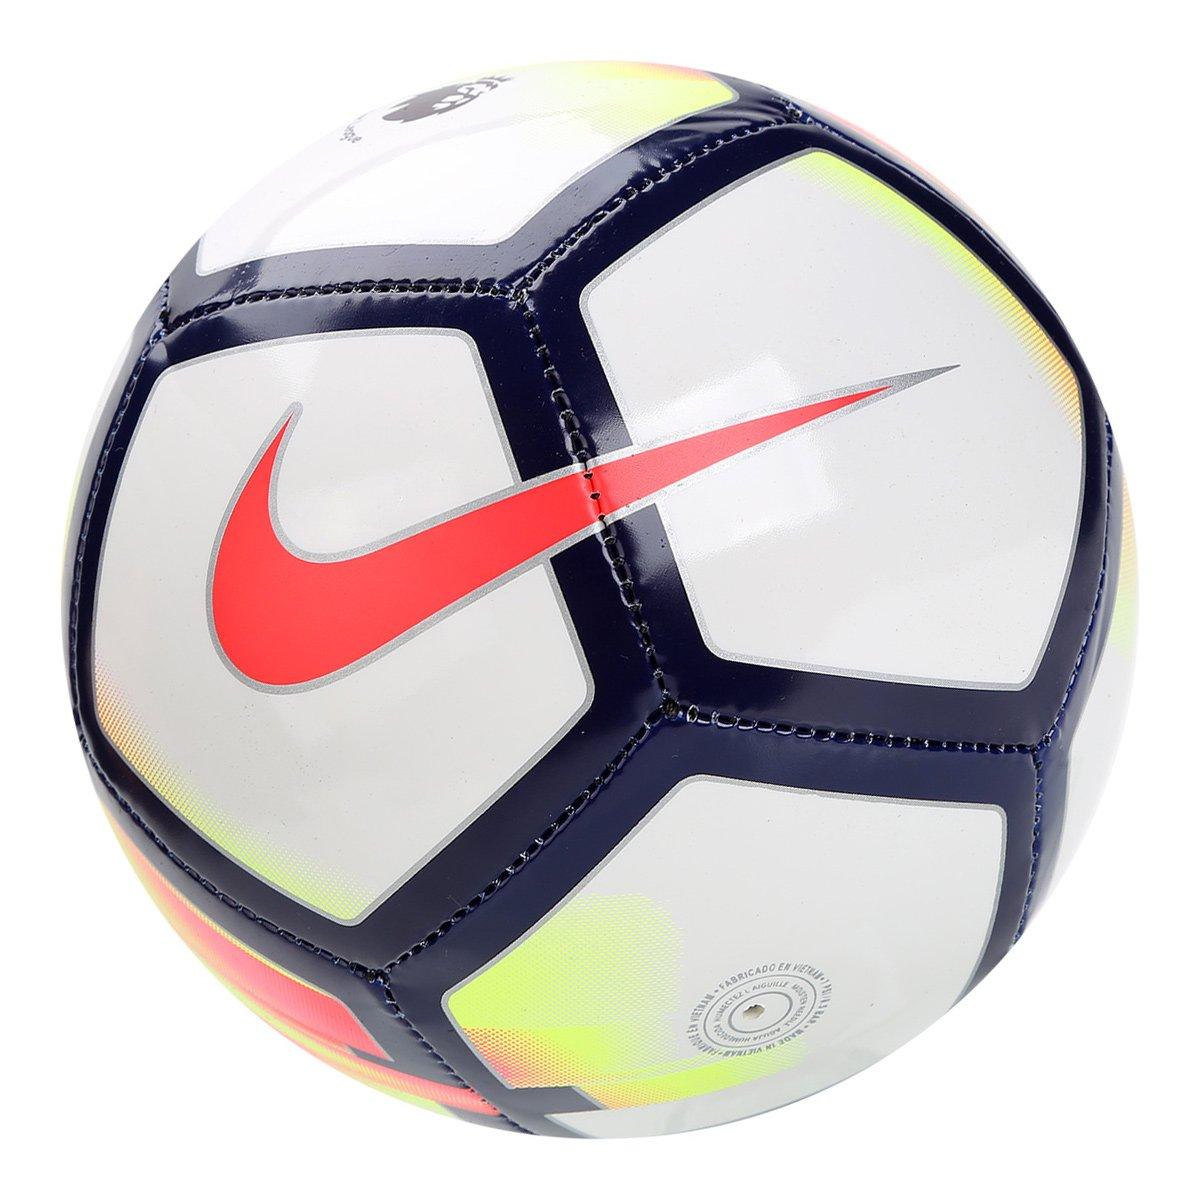 Mini Bola Nike Premier League - Compre Agora  bf61b7ea7a407